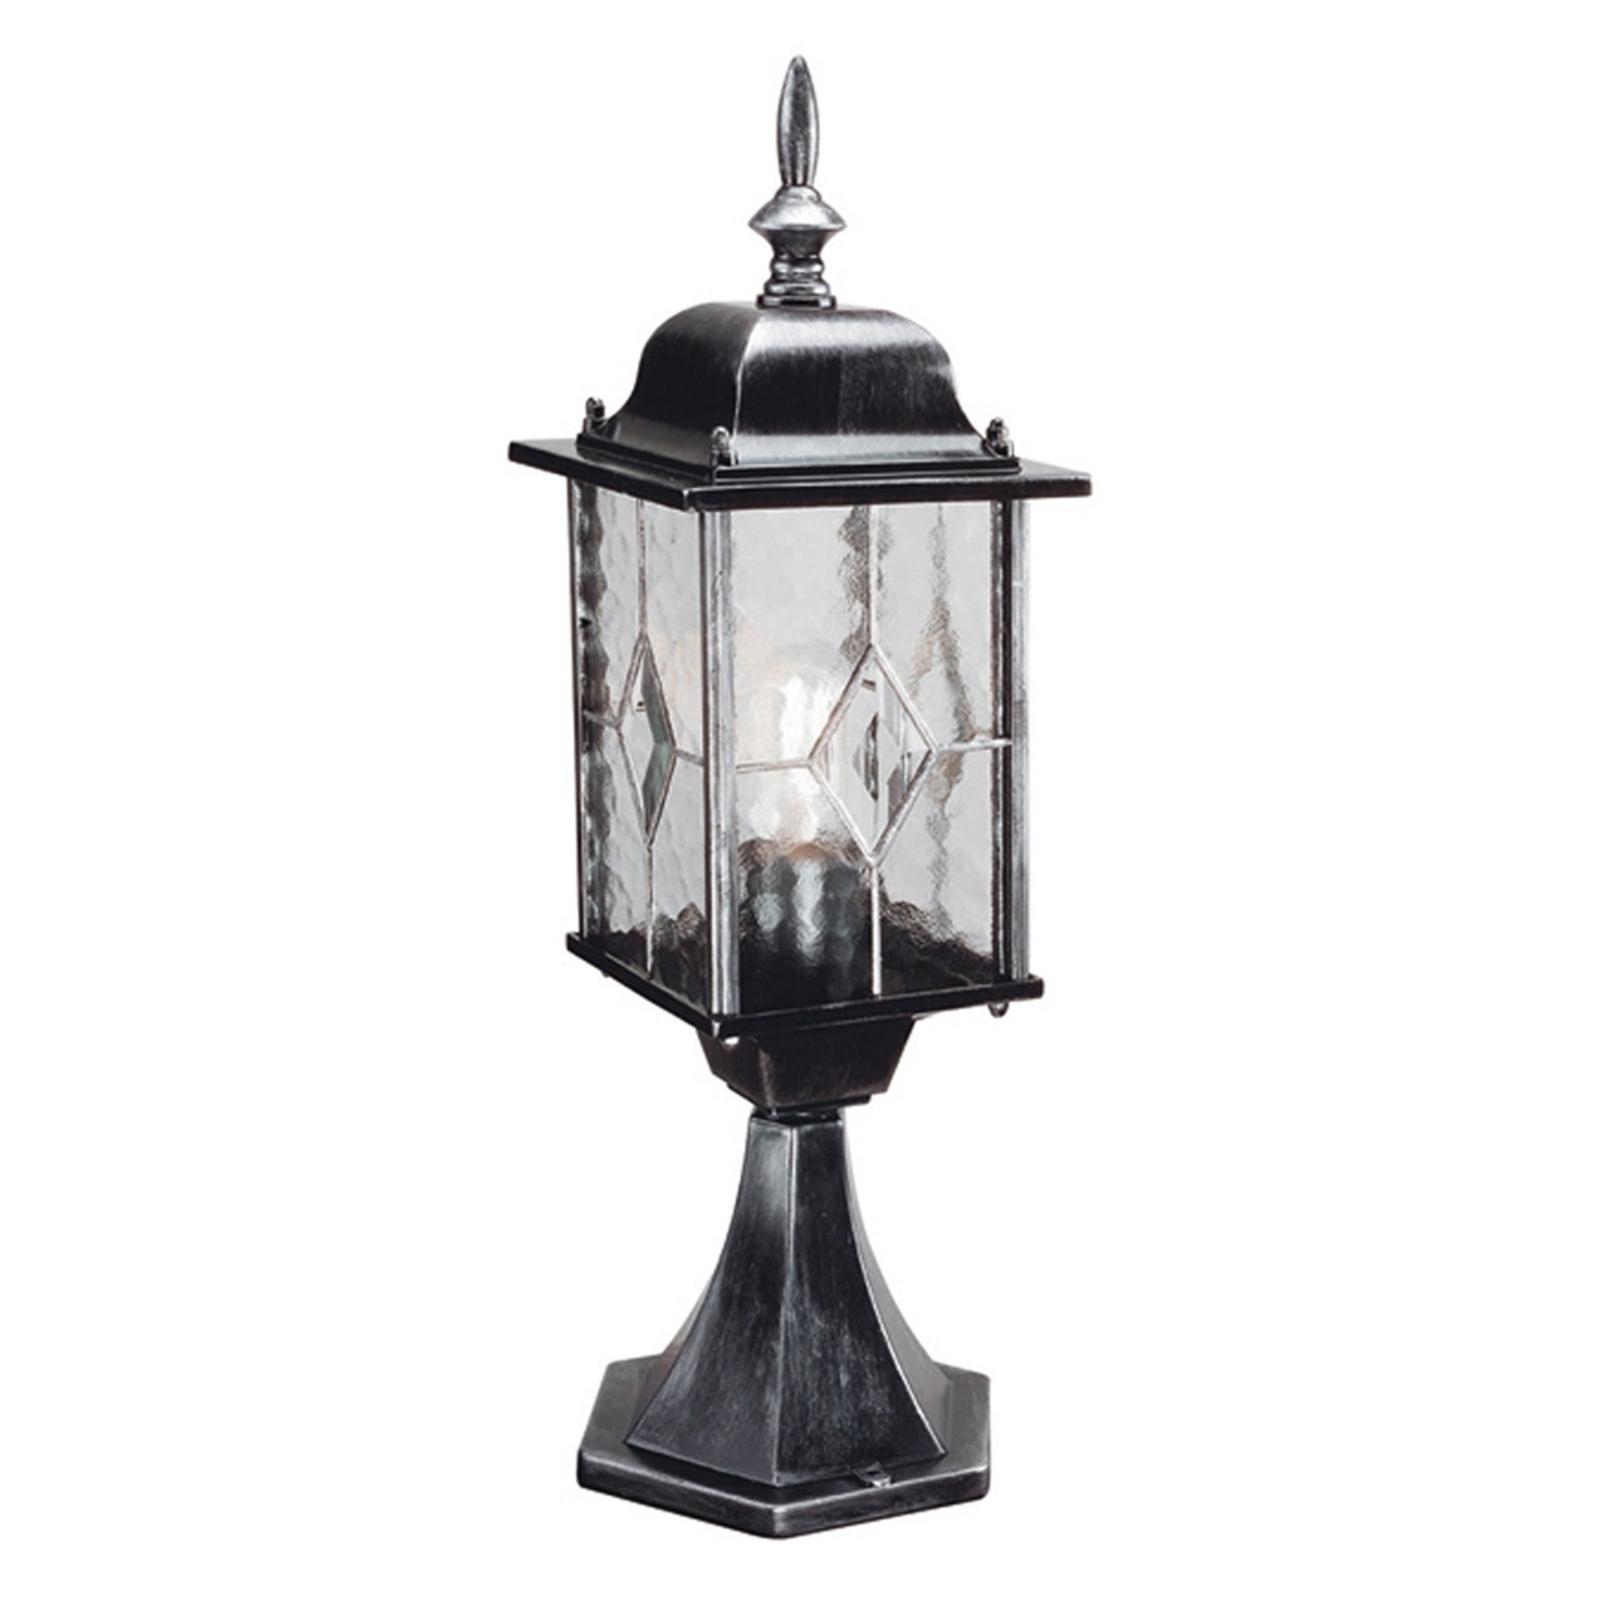 Pillar light Wexford WX3_3048209_1